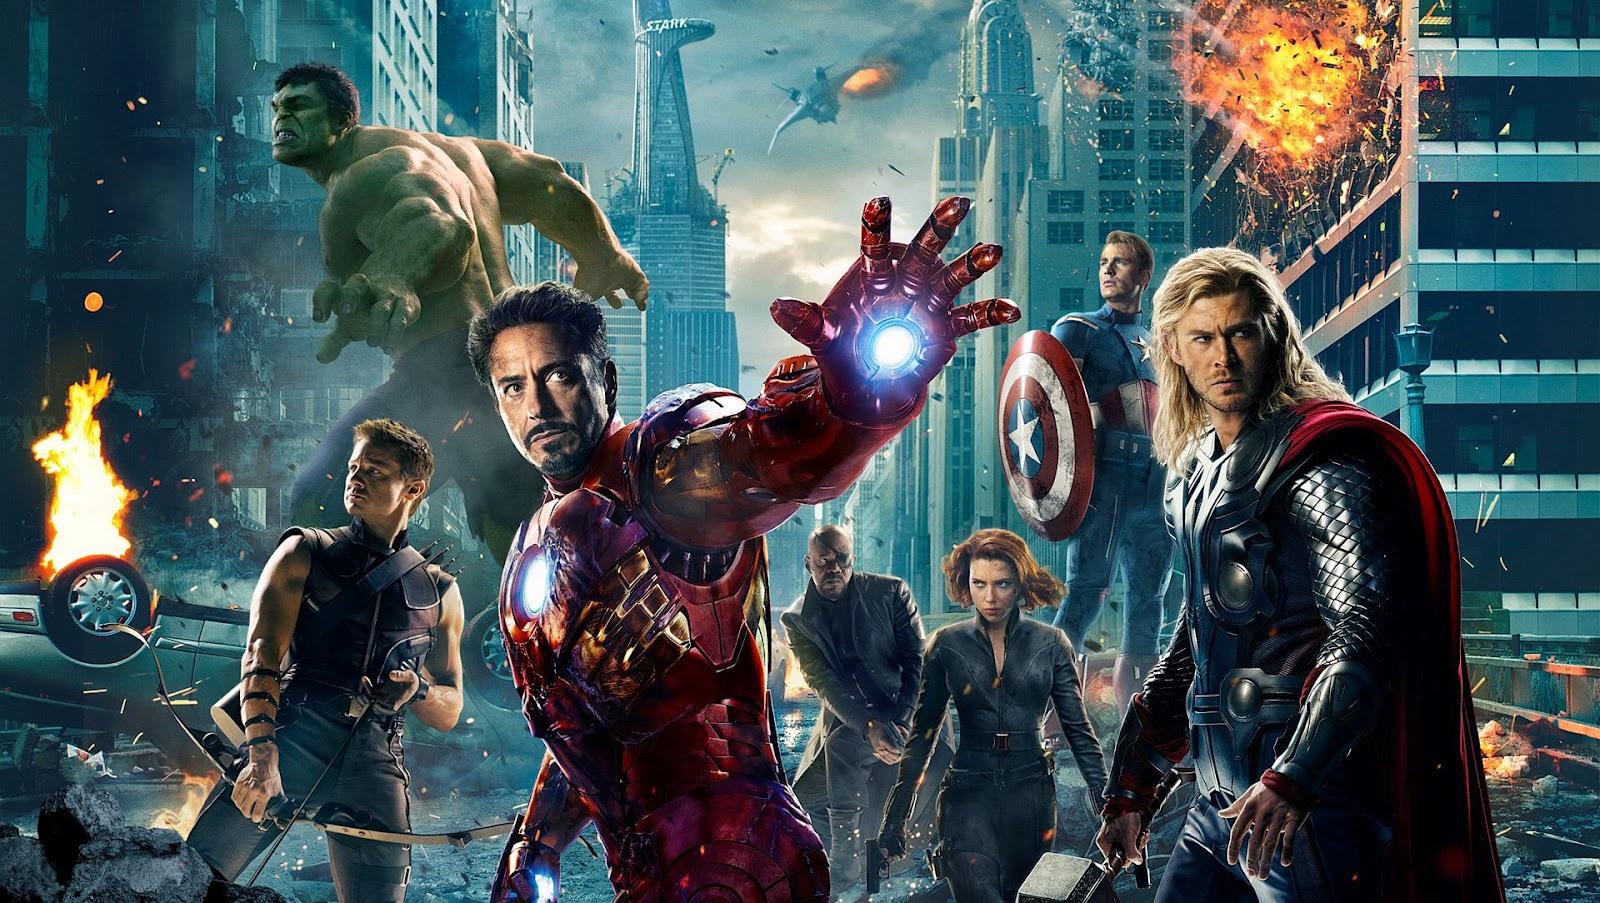 Avengers, Hulk, Iron-Man, Thor, Captain America, Cine3, Marvel